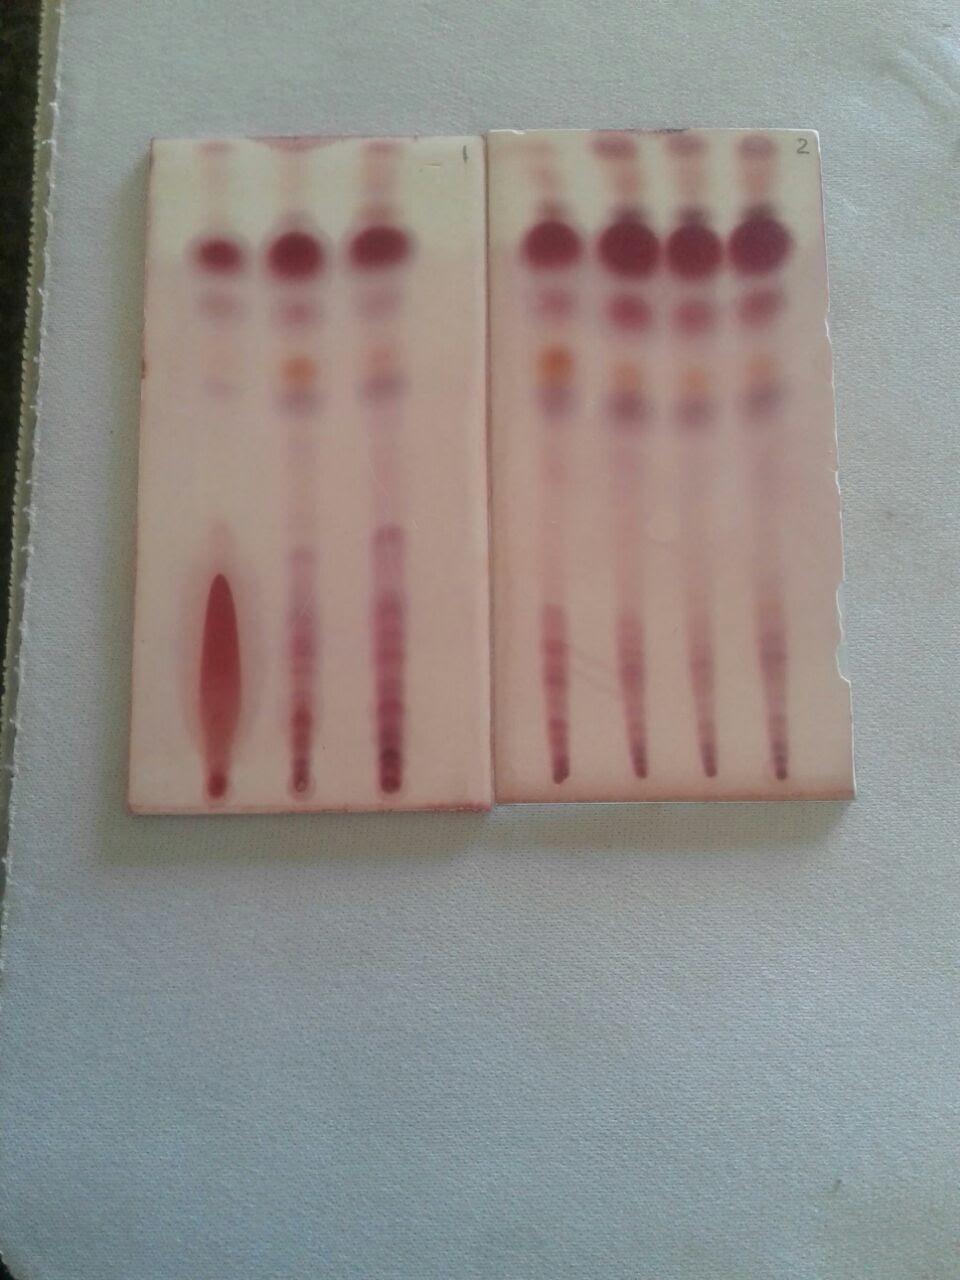 D9E tlc labs cannabis oil test1